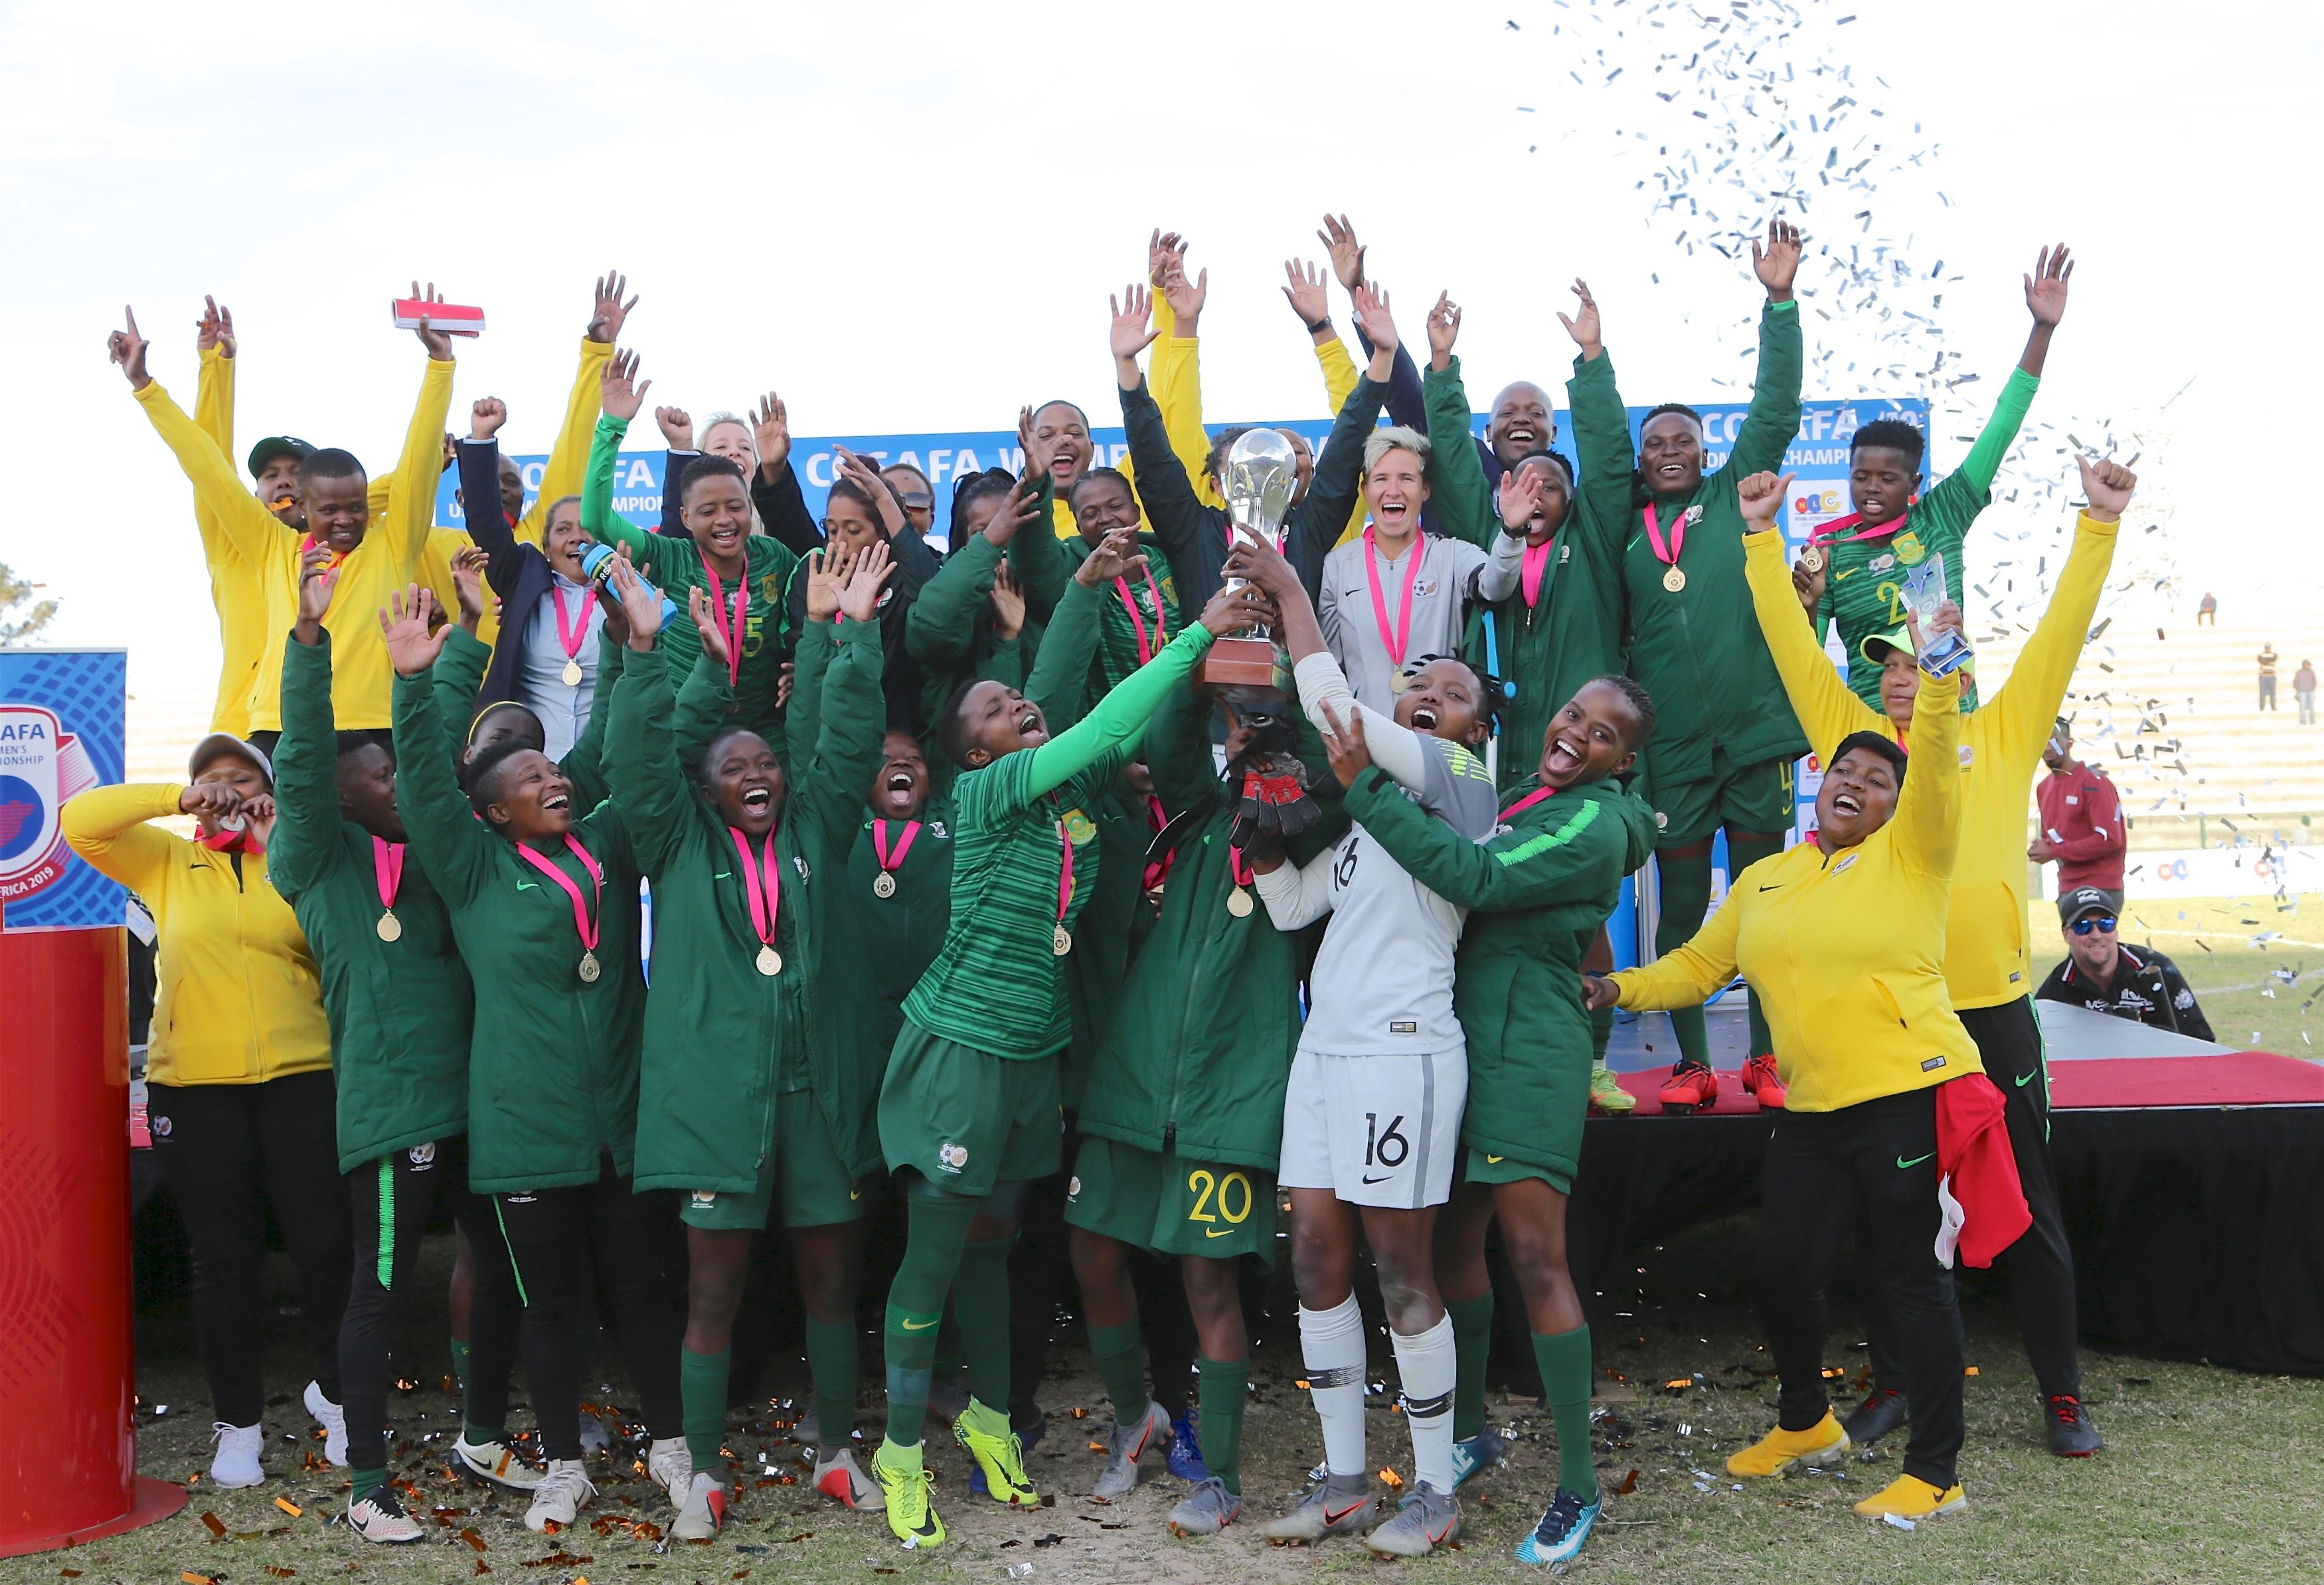 Banyana beat Zambia to lift Cosafa Women's title - Sports Leo